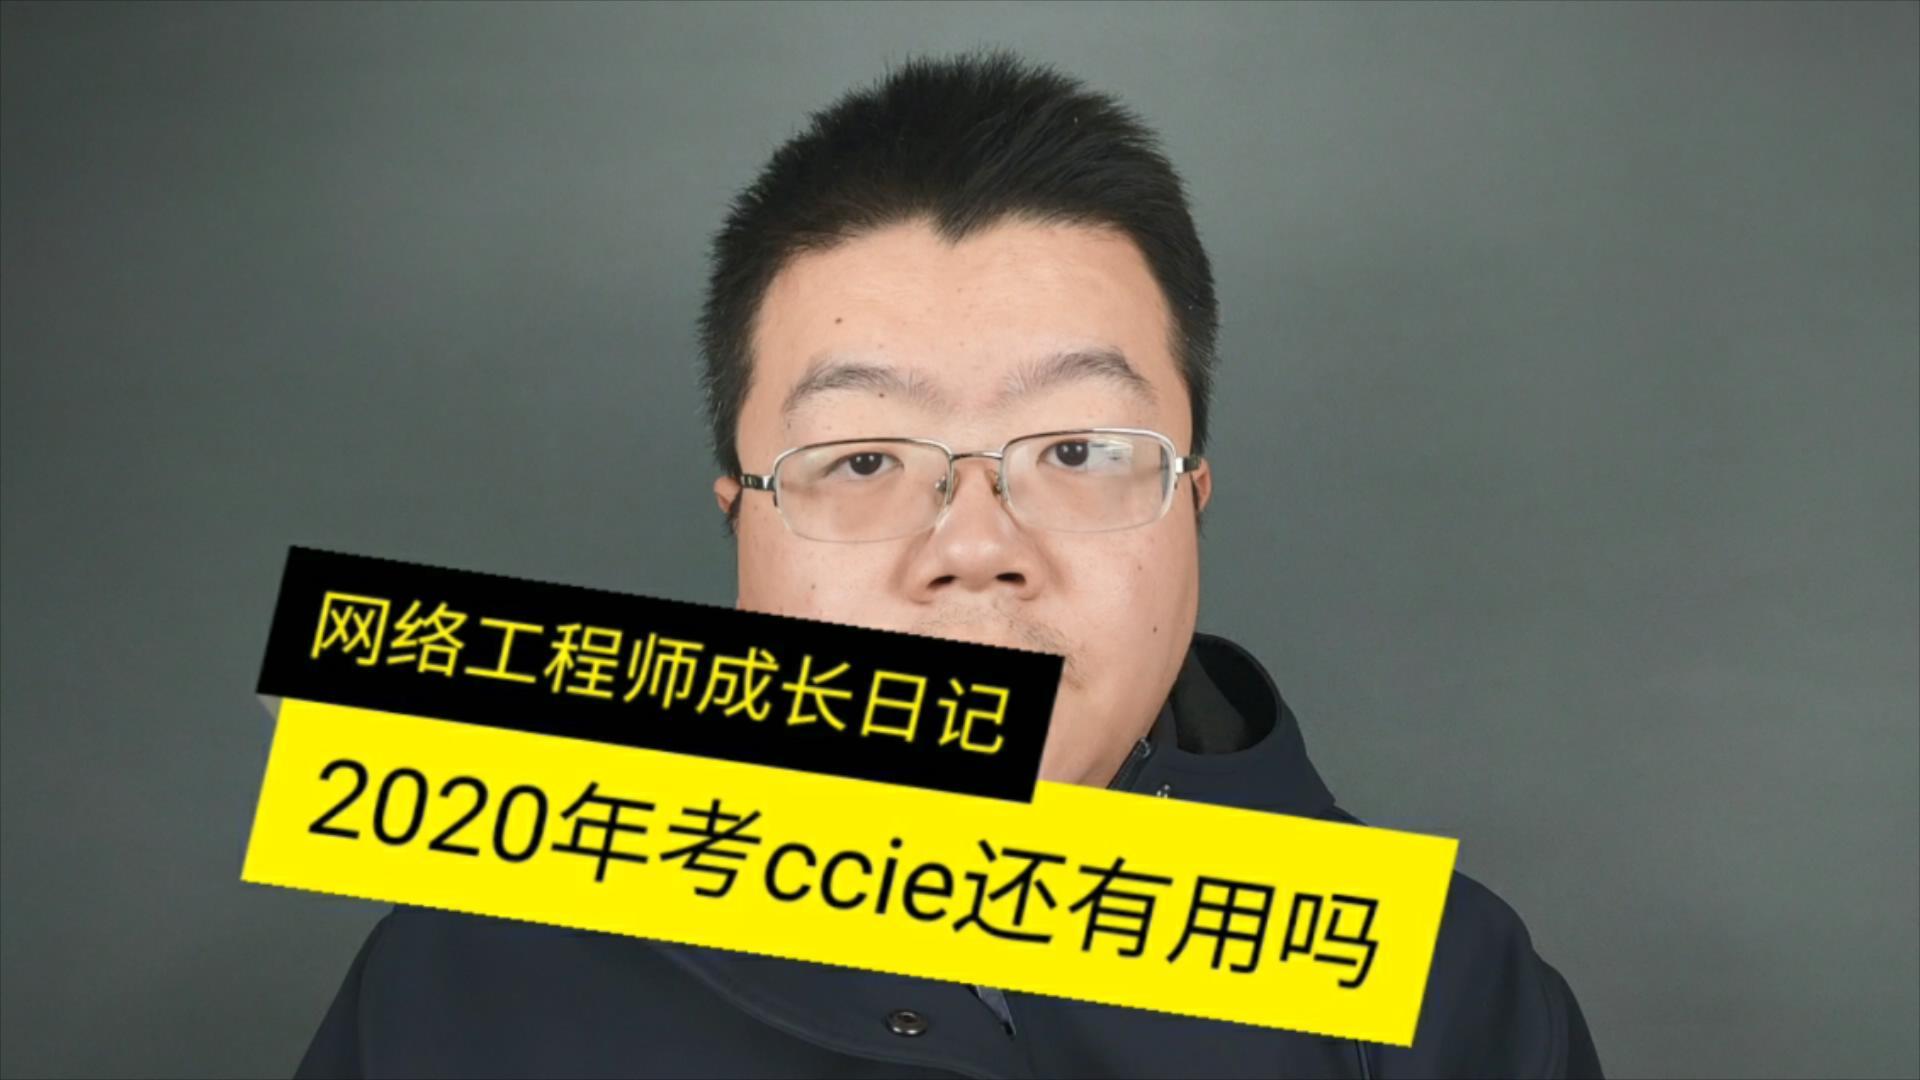 2020年考CCIE还有用吗